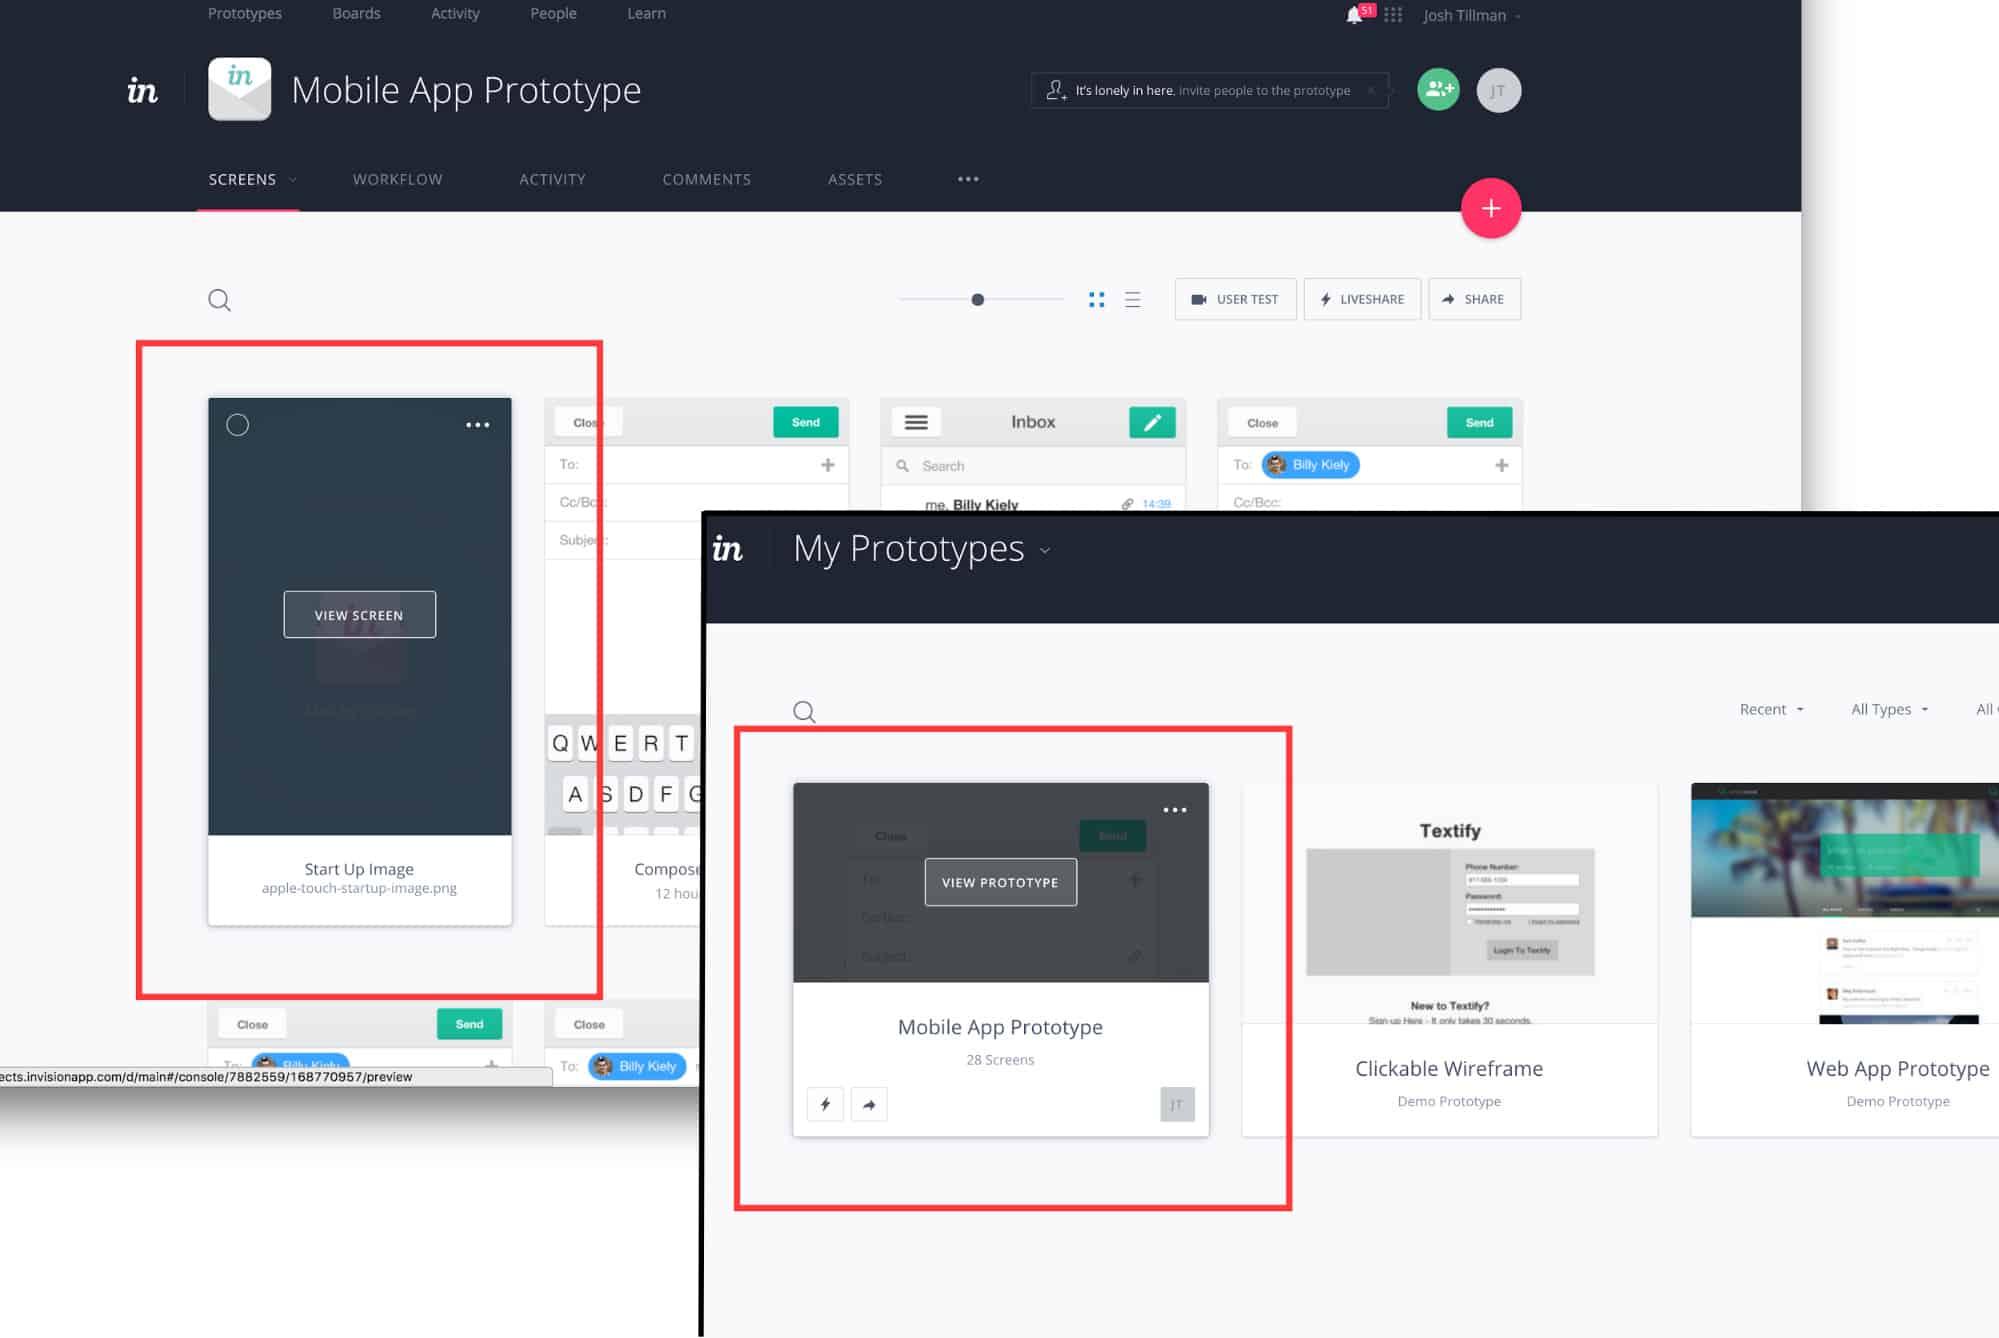 юзабилити, UX-дизайн, функциональный дизайн, аналитика приложений, тестирование мобильных приложений, приложения, интерфейс, удобство пользования интерфейсом, пользовательский опыт, ui, ux